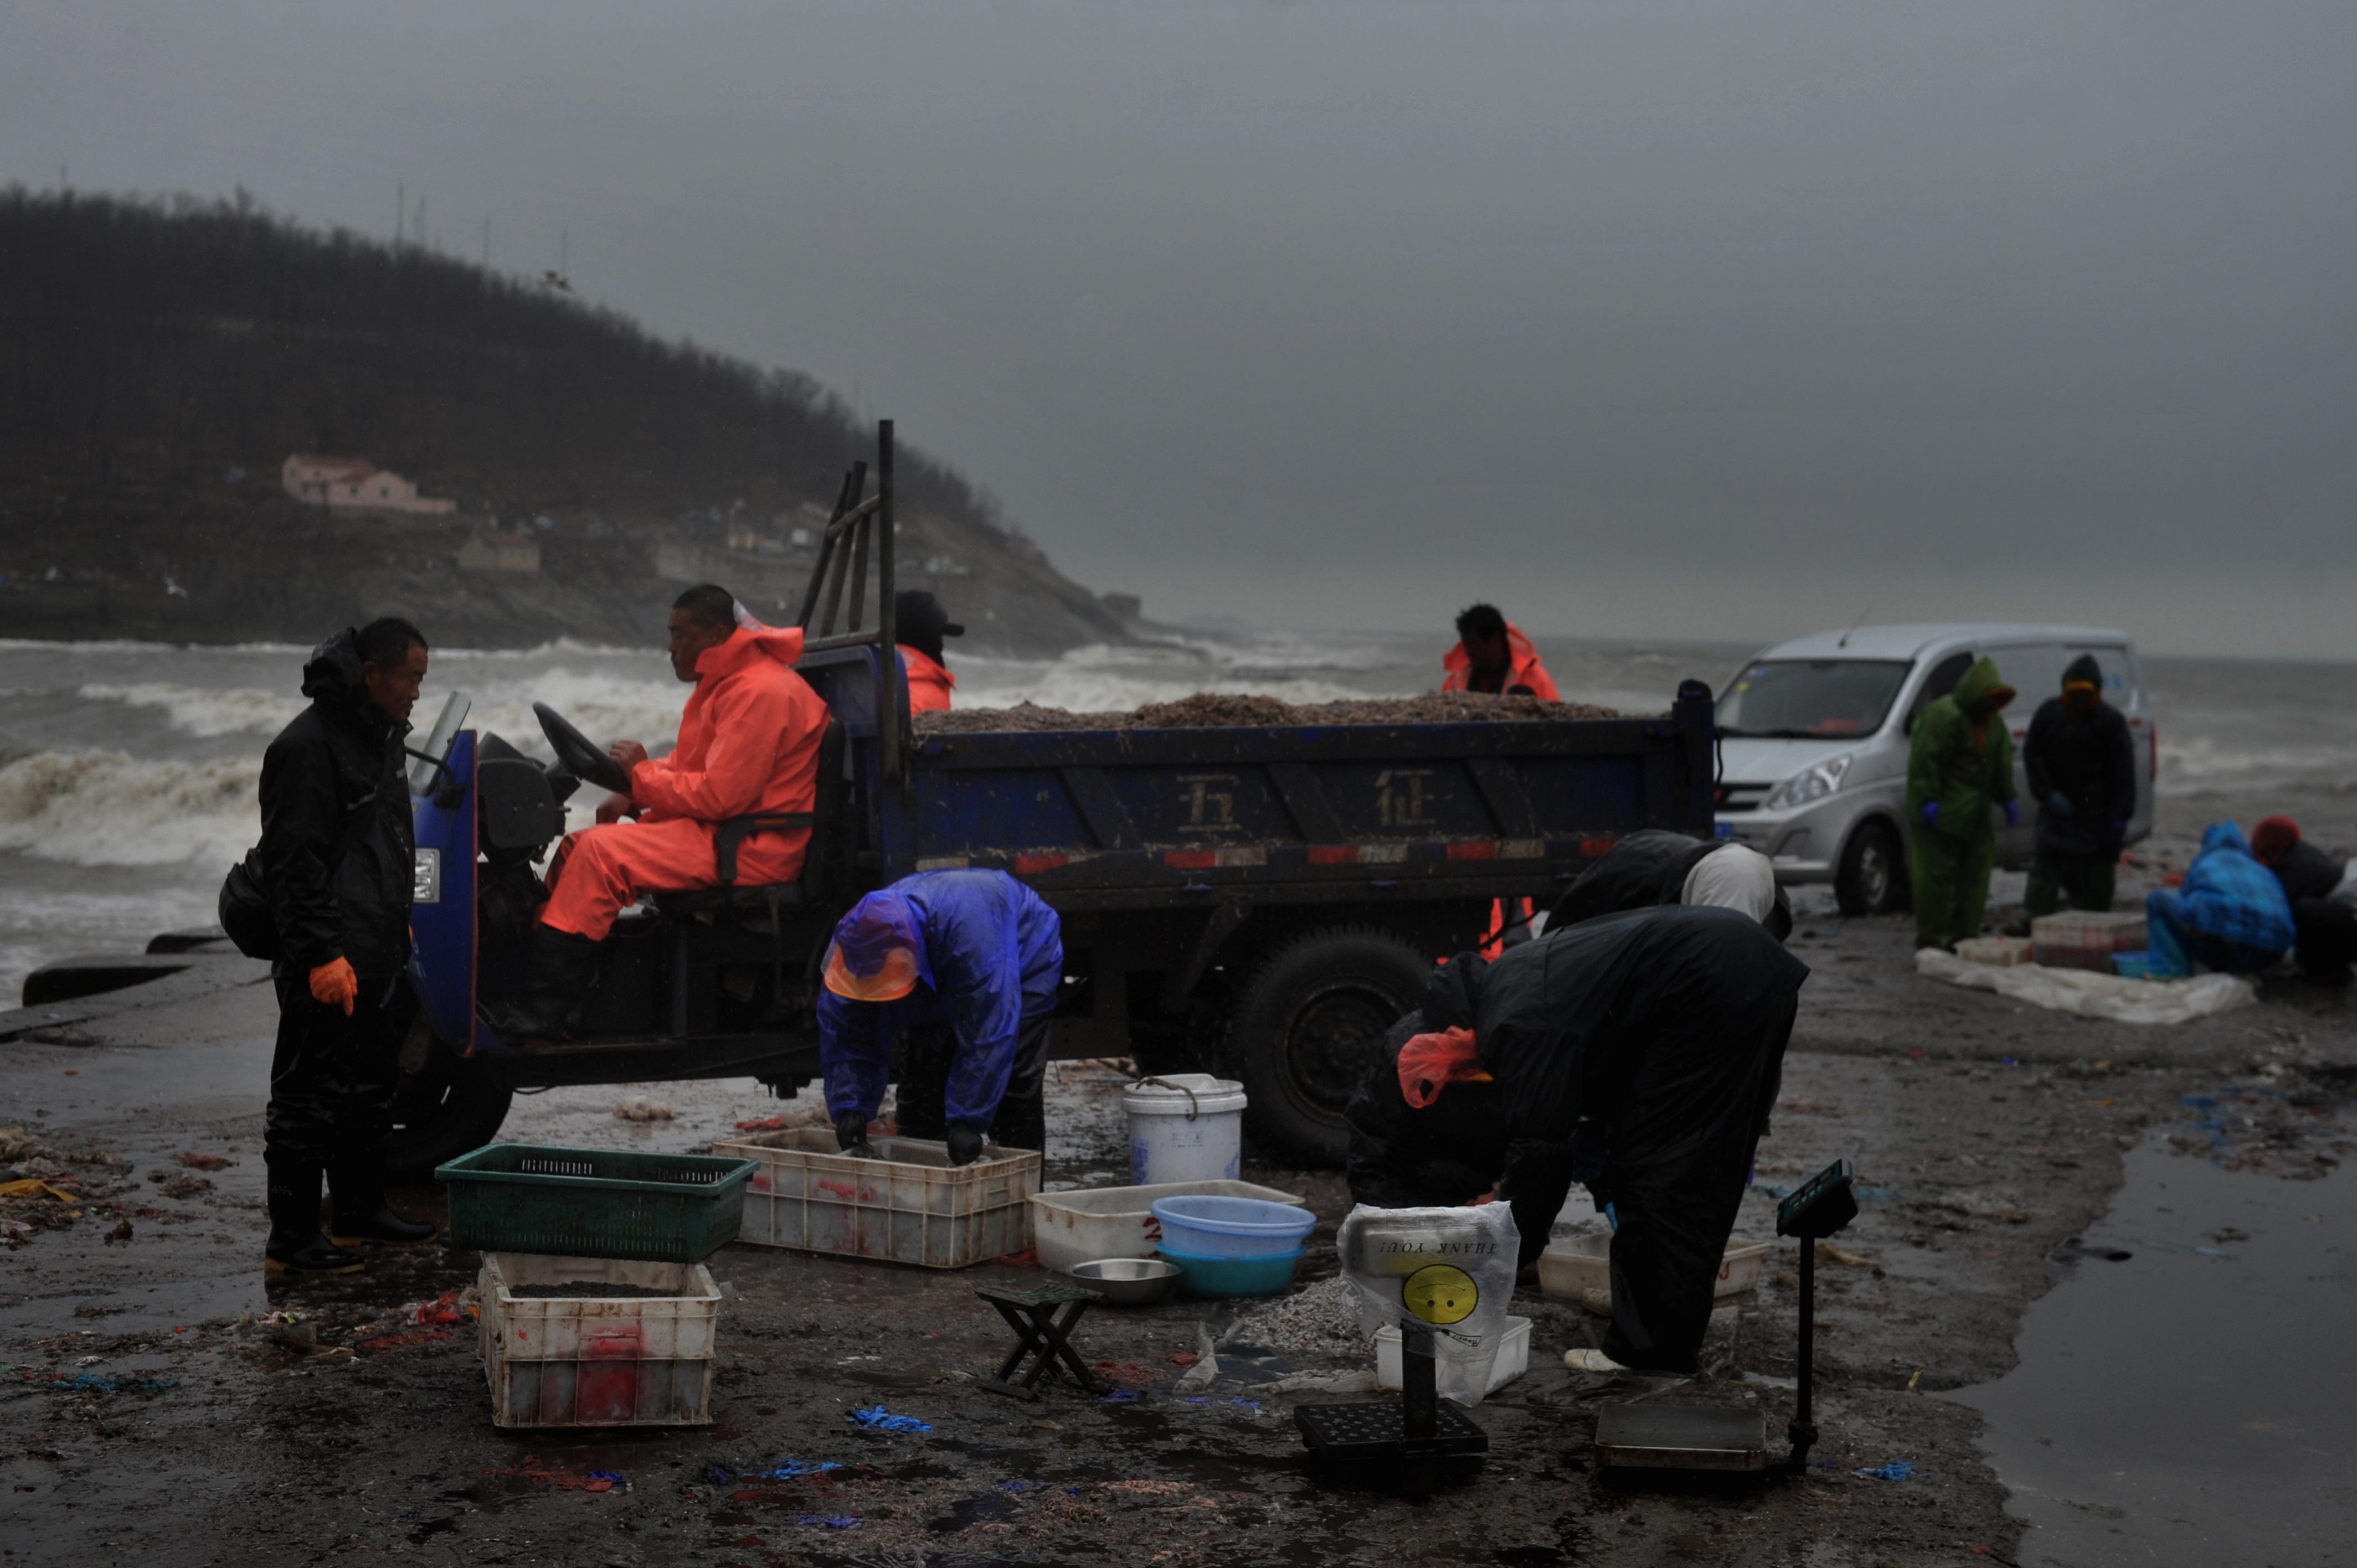 寒潮影响青岛:海面掀起大浪拍岸 成群海鸥在渔港避风